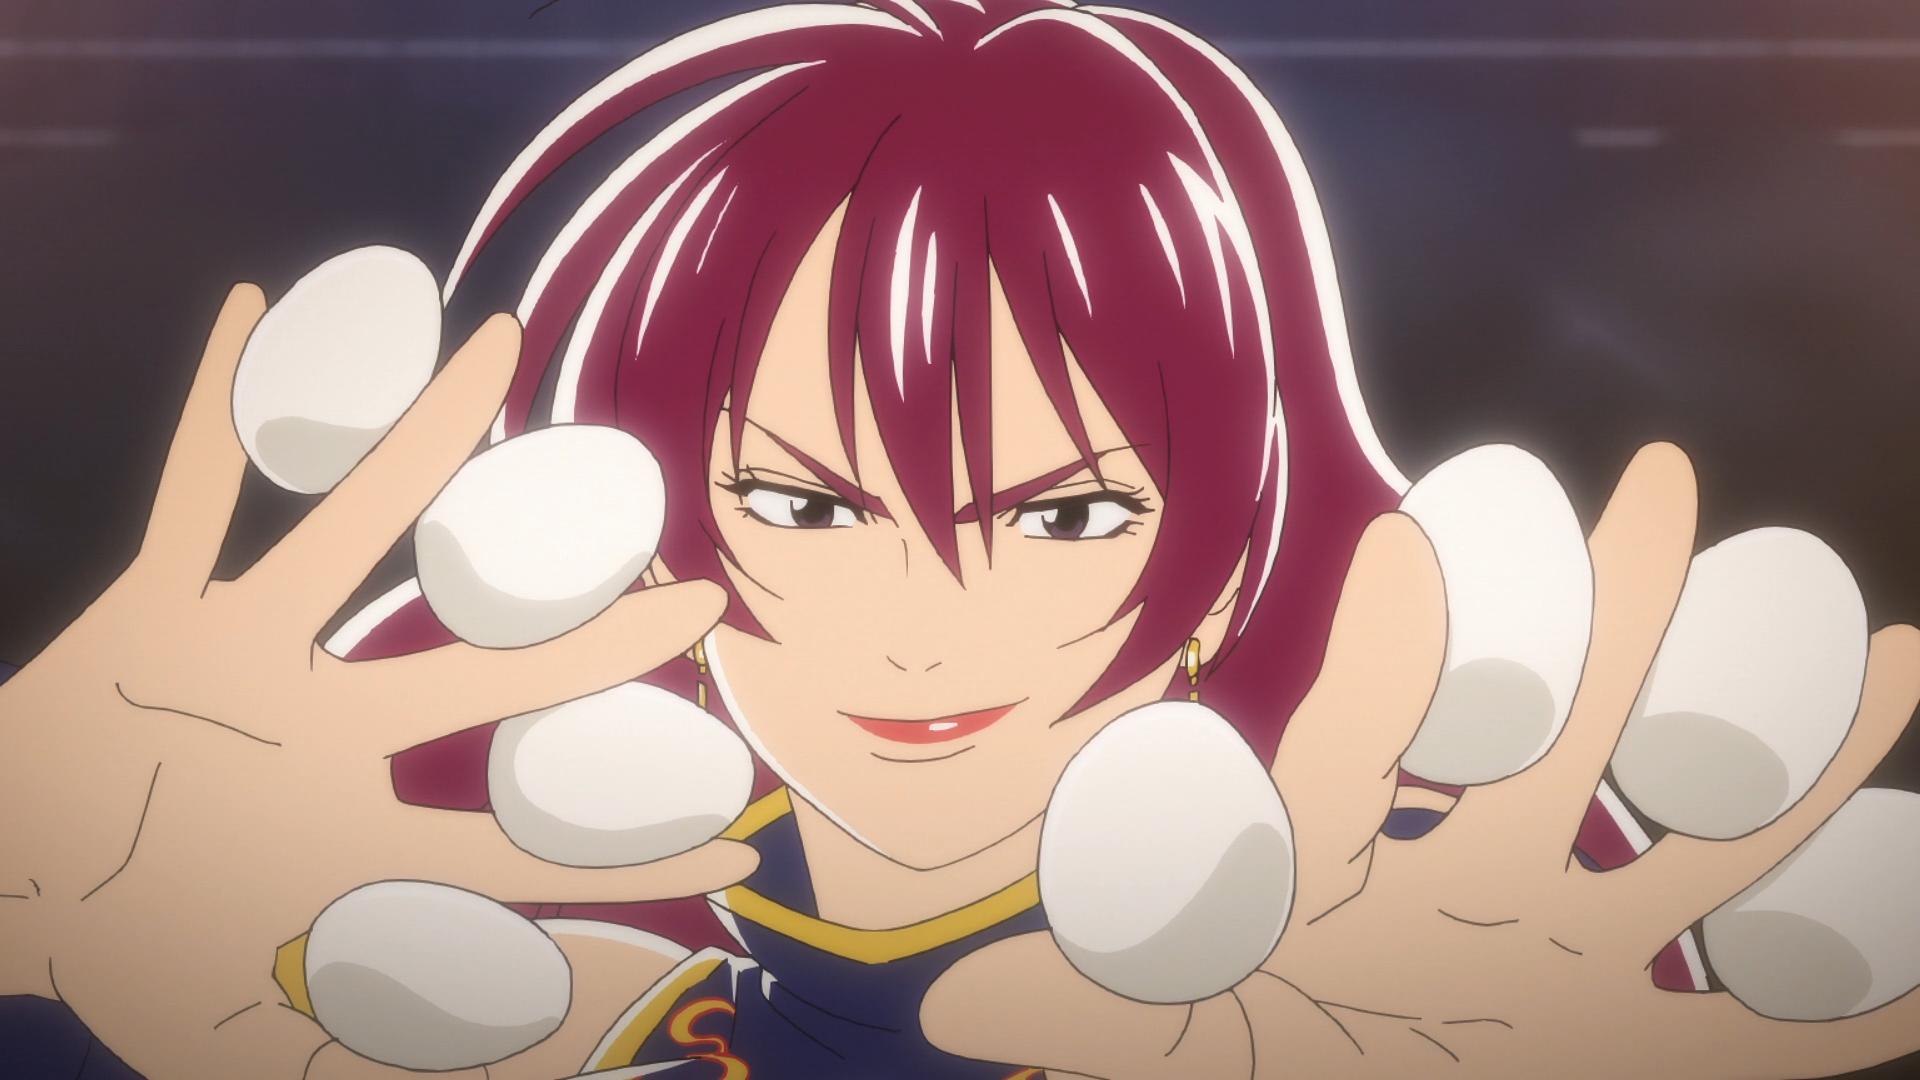 Xiang, un miembro malvado del inframundo de la cocina, empuña 8 huevos durante un concurso de cocina de cangrejo en una escena del anime de televisión True Cooking Master Boy 2019.